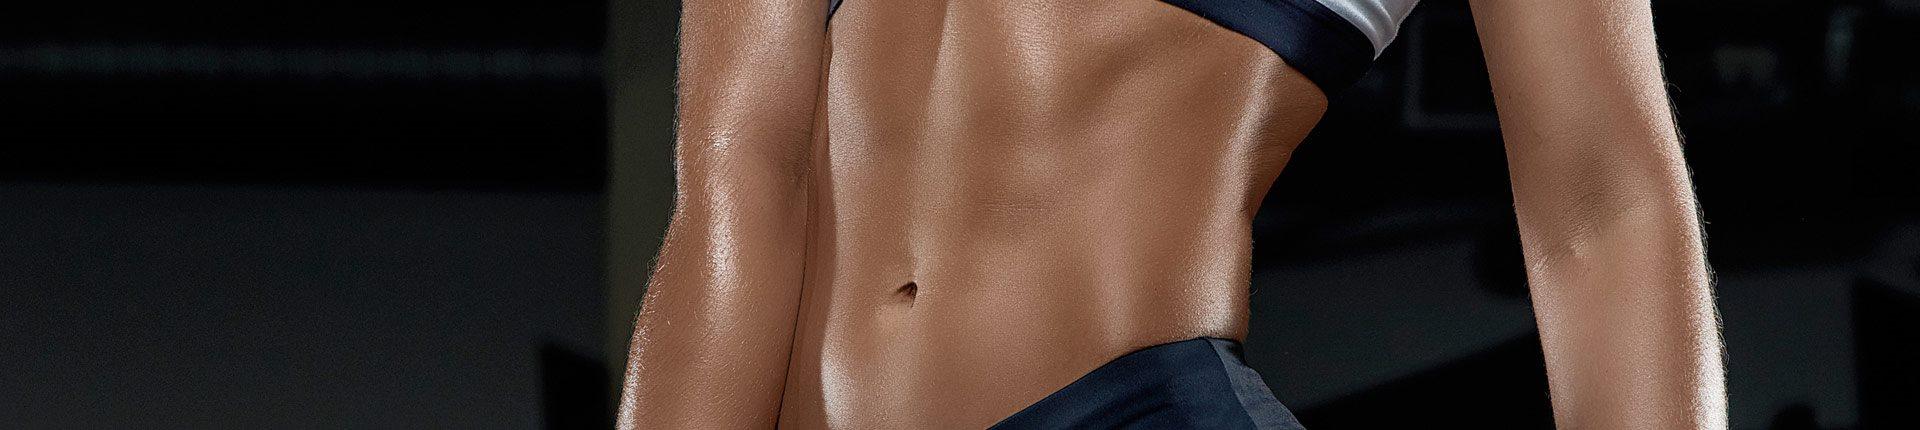 Jak długo może trwać odchudzanie, zanim zwolni metabolizm?